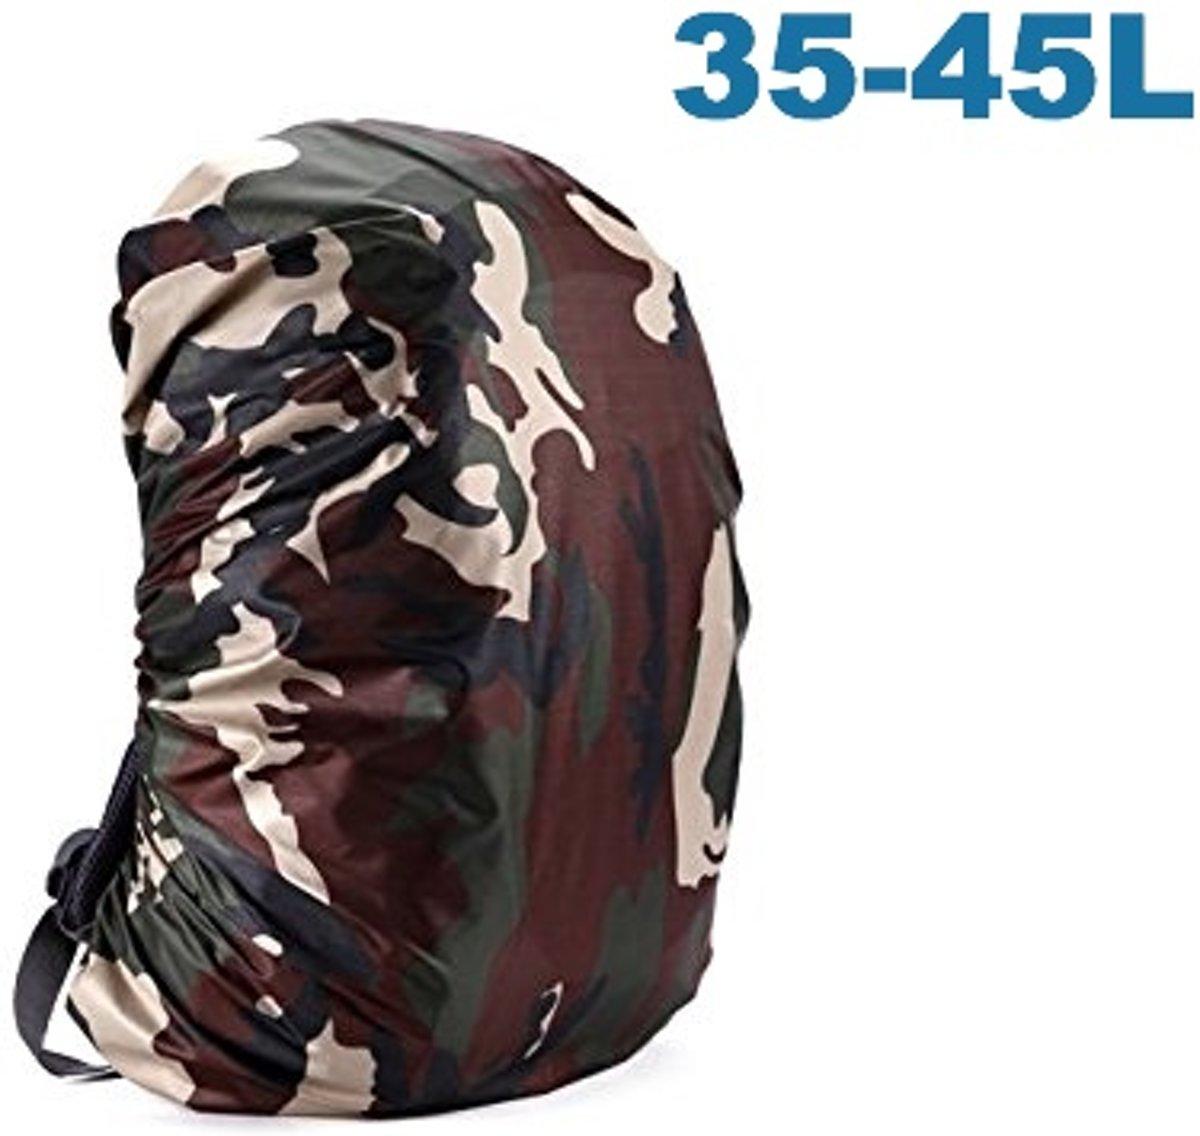 ForDig - Flightbag Regenhoes Waterdicht voor Backpack Rugzak - 35-45 Liter Regenhoes – Camouflage kopen